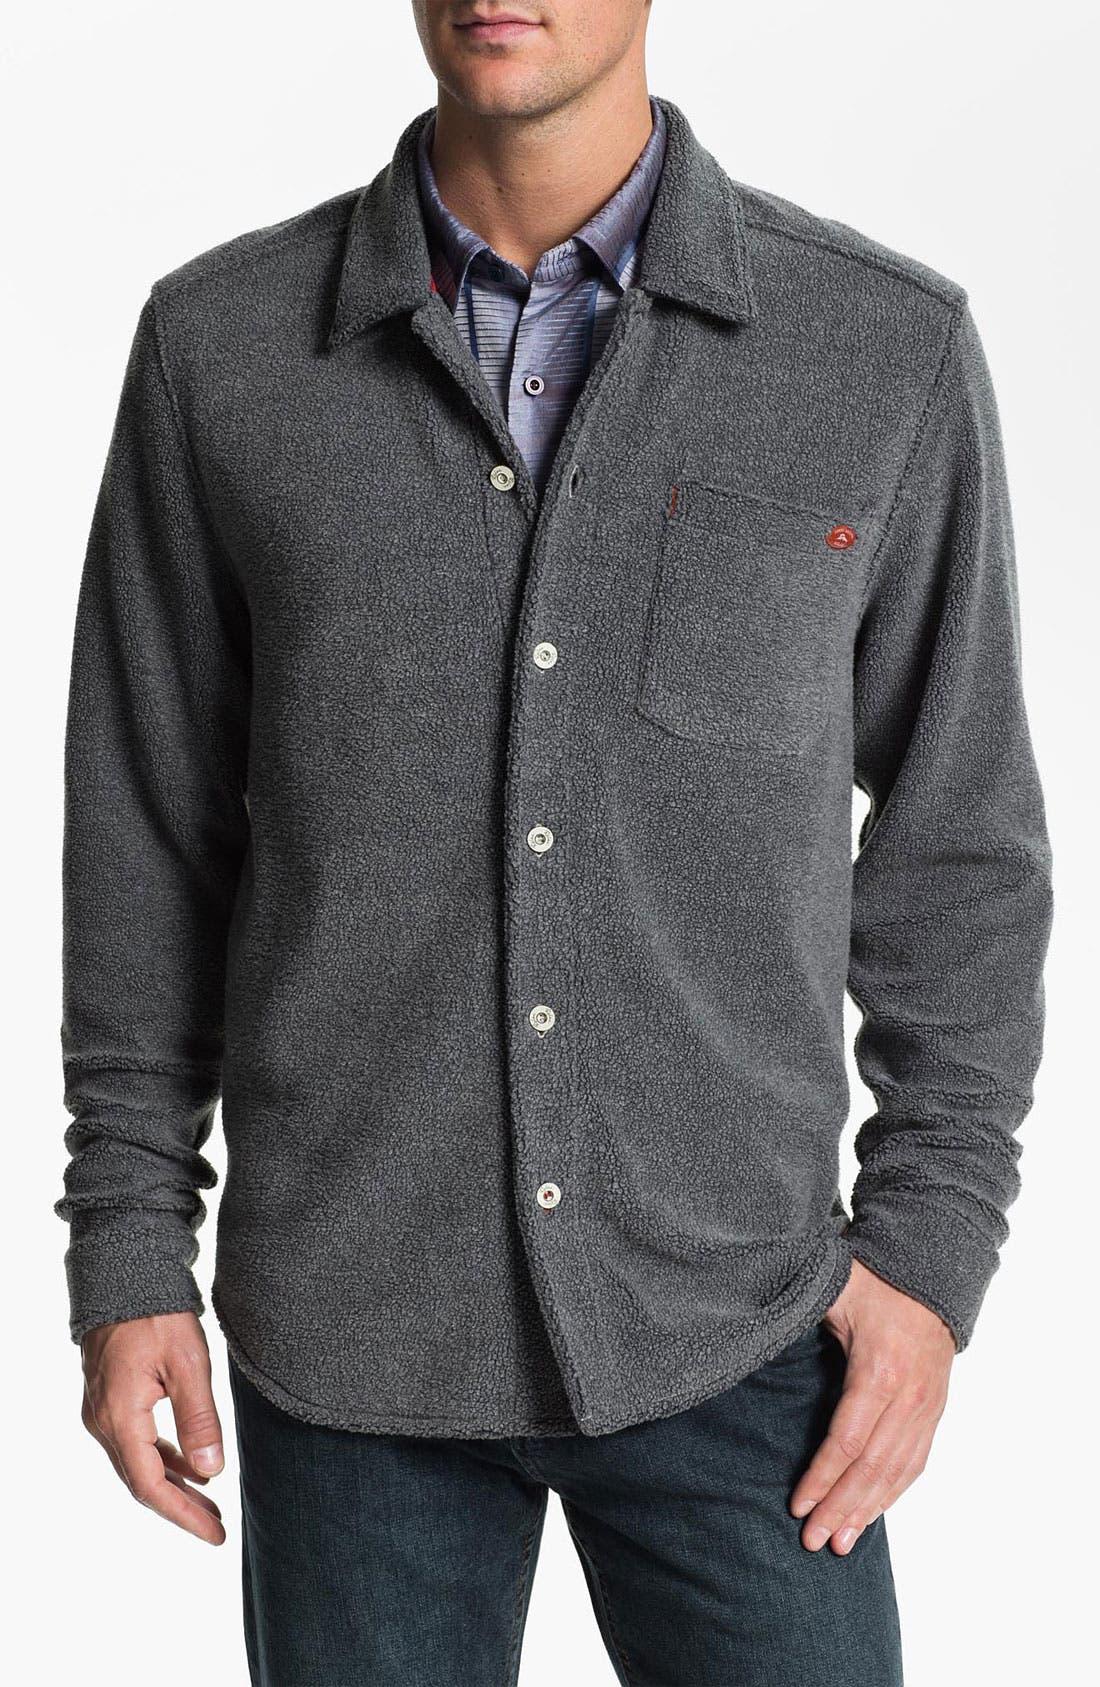 Main Image - Tommy Bahama 'Island Fleece CPO' Shirt Jacket